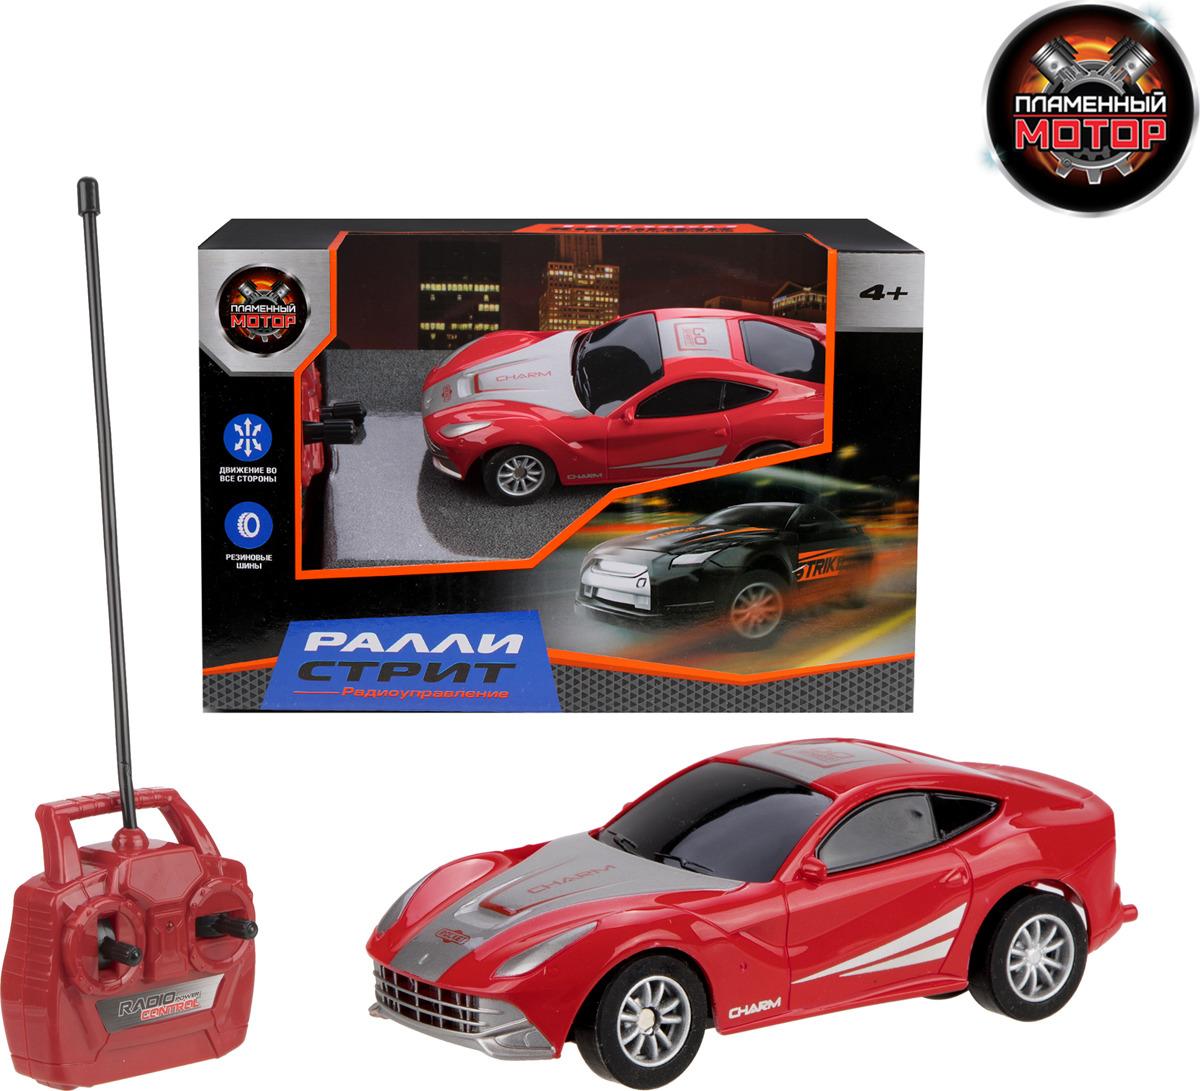 Машина радиоуправляемая Пламенный мотор Ралли Стрит, 870331, красный